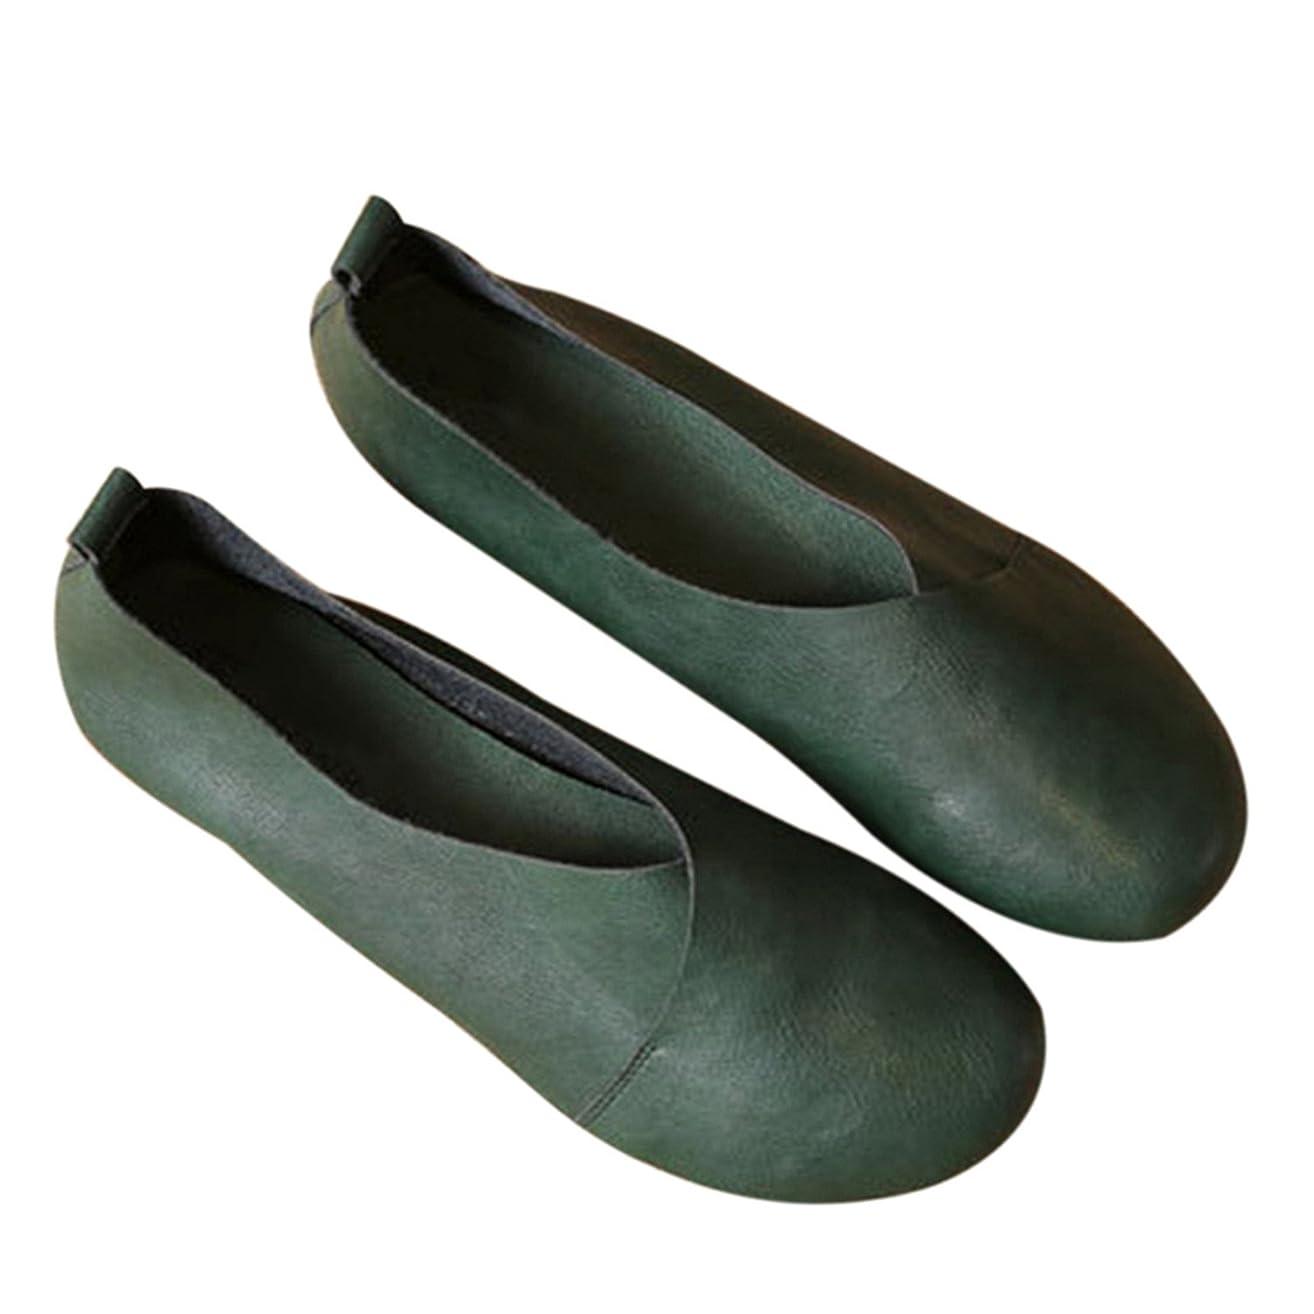 労働誰か人柄レディースシューズ 2018女性の靴ステッチMoccasins牛革柔軟な春のカジュアルシューズ女性のフラット女性の靴